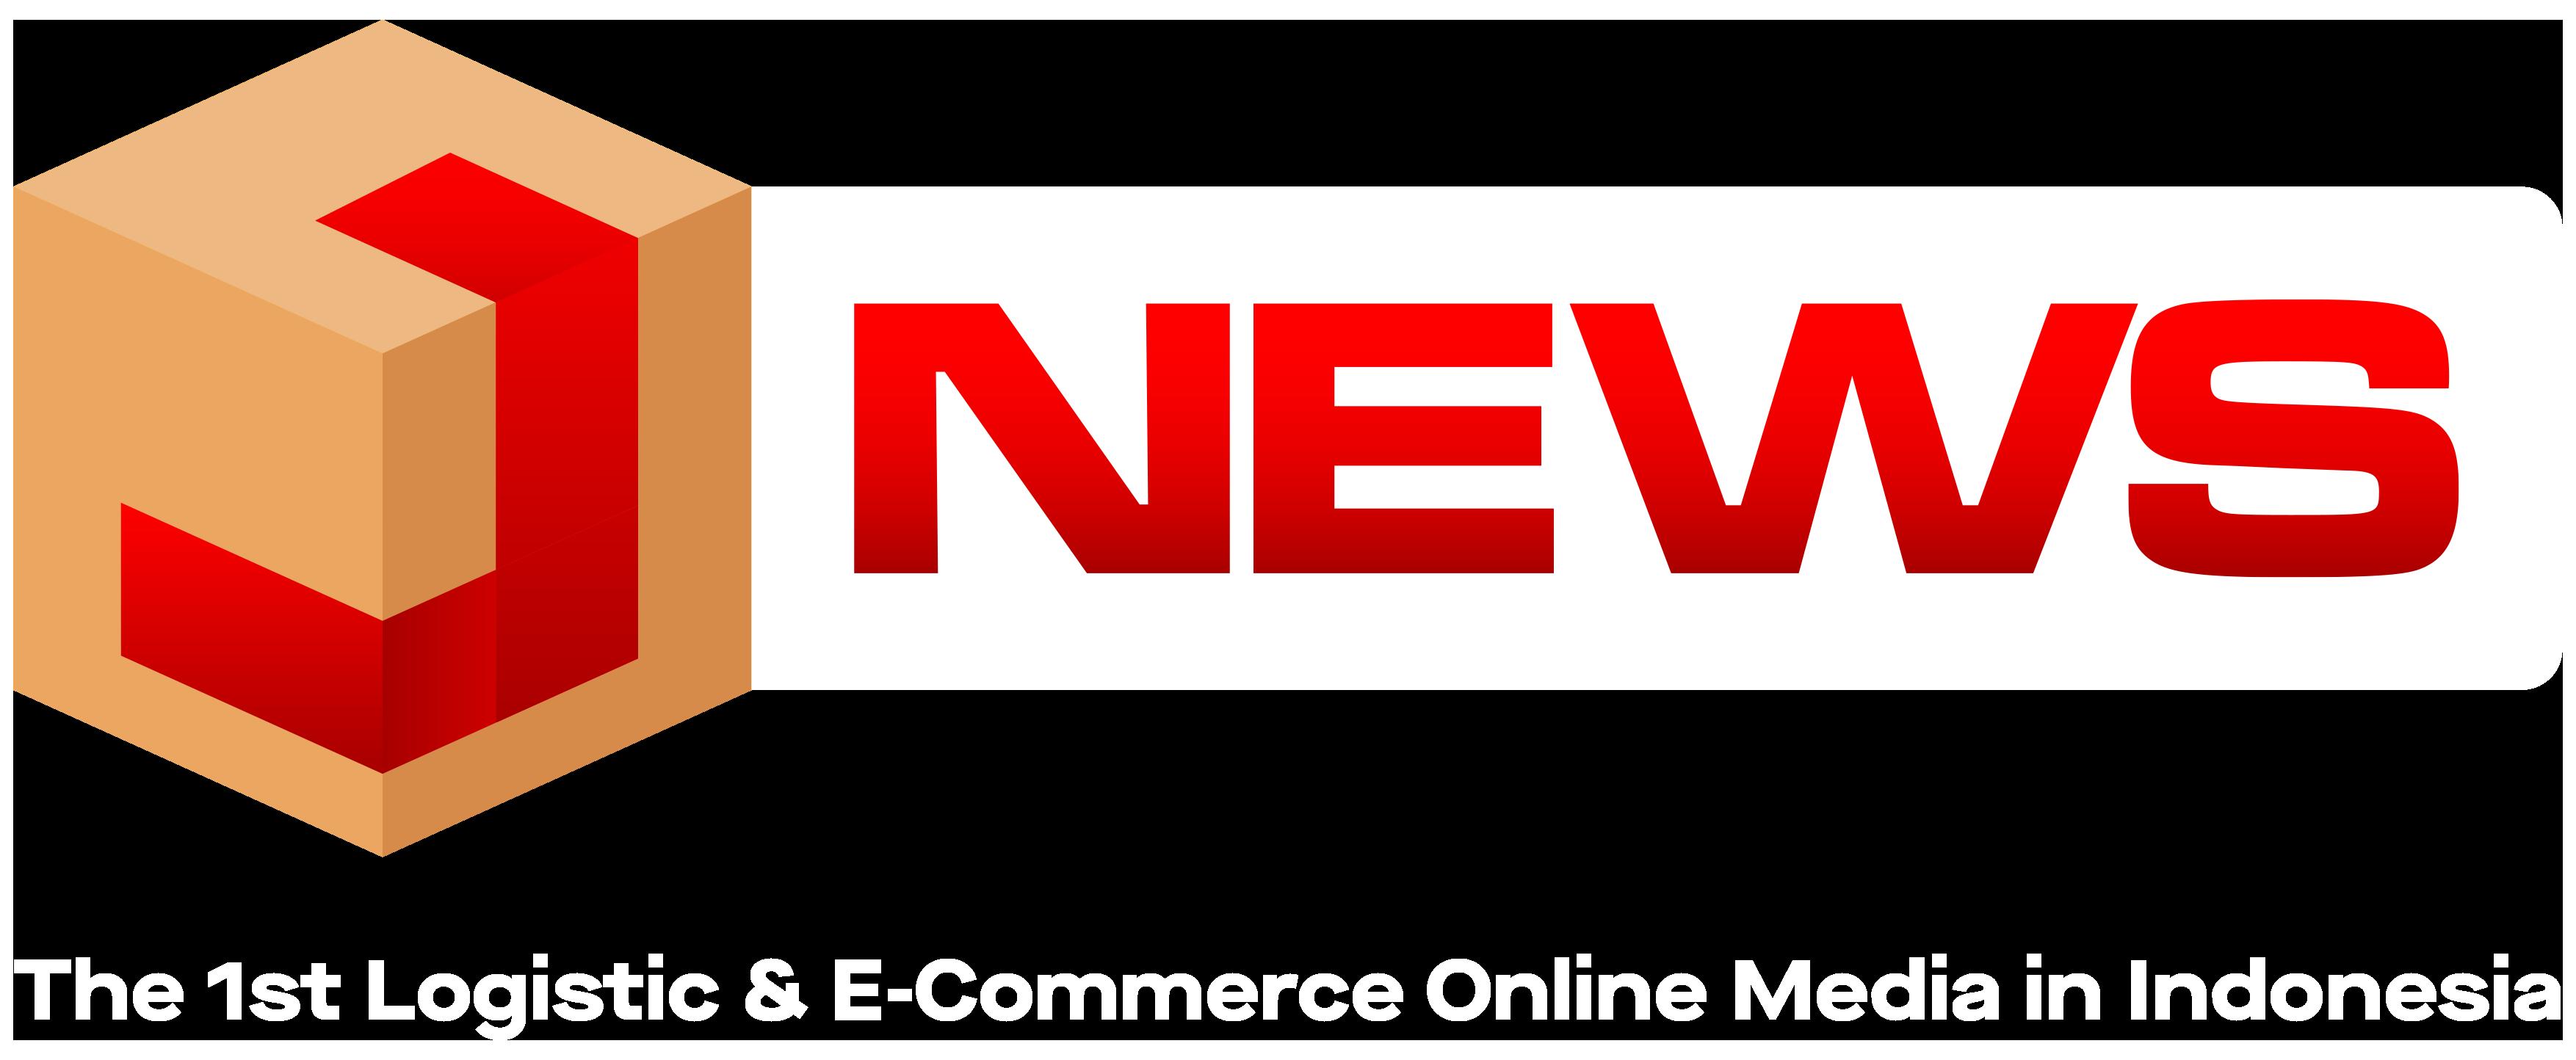 JNEWS Online